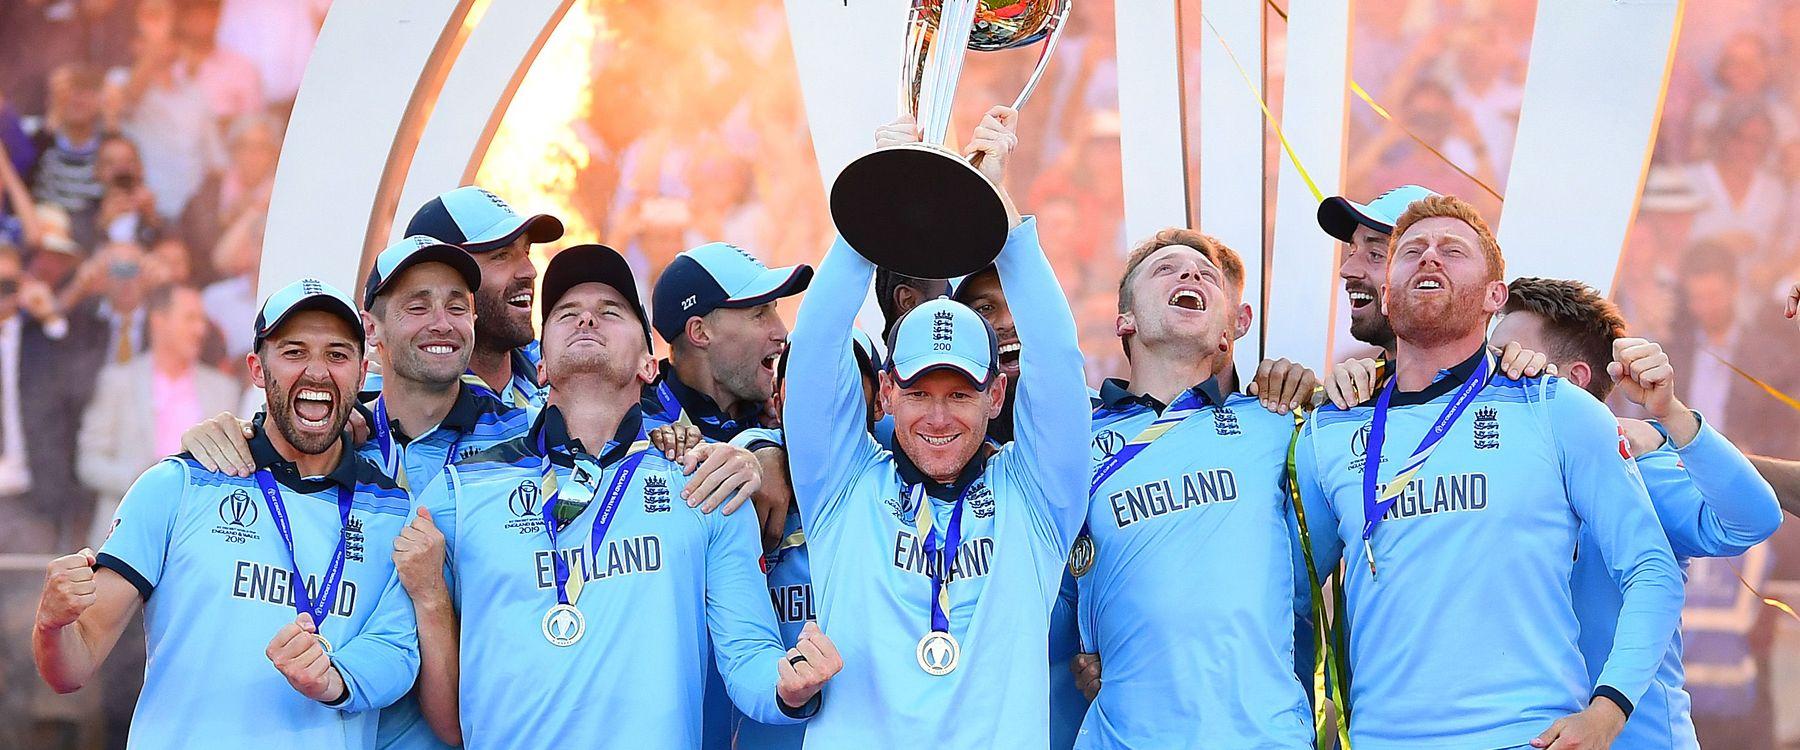 1.3_WWD_Eng cricket (men)_